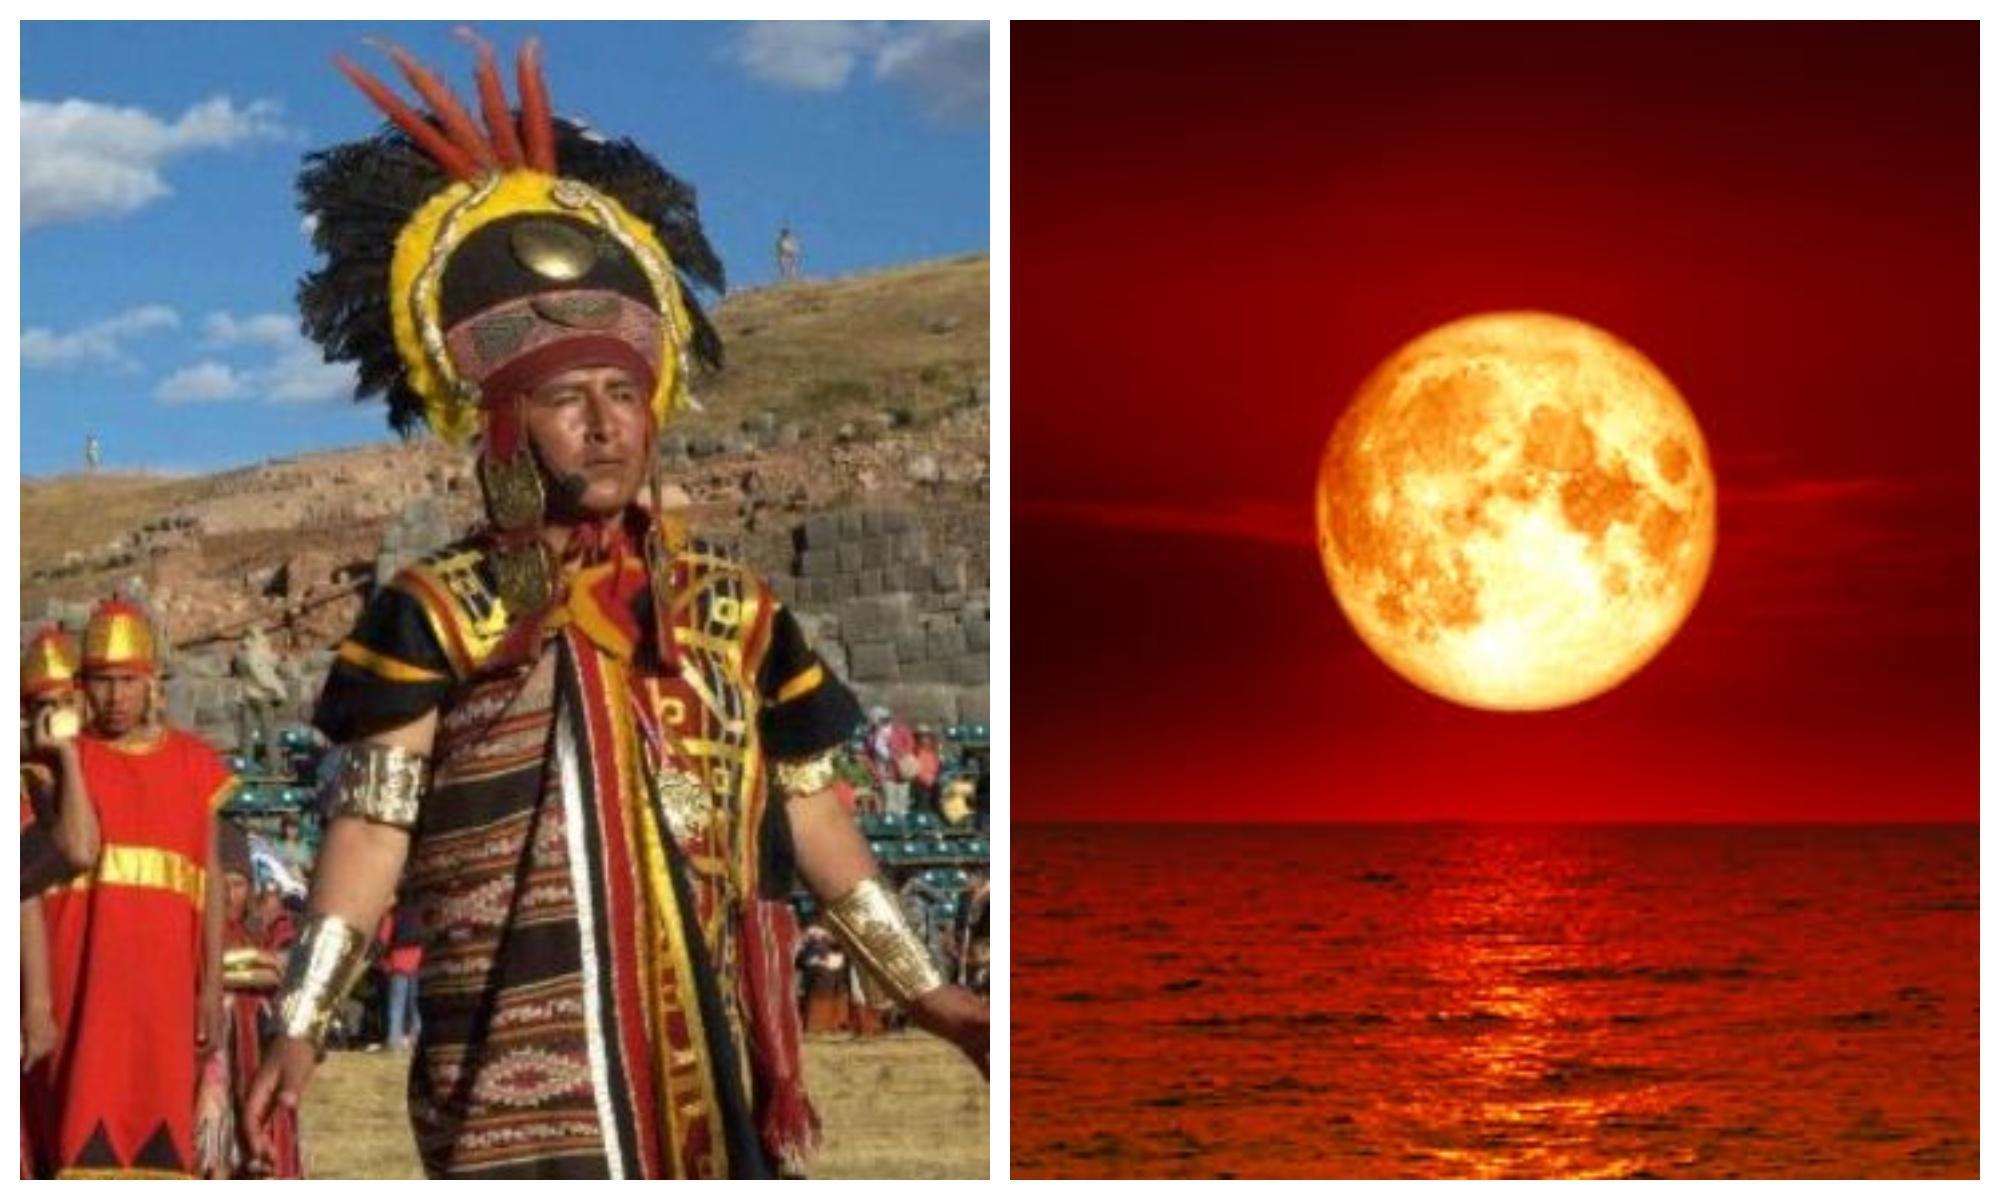 Супер-кровавая Луна уничтожит человечество— предсказание древних инков